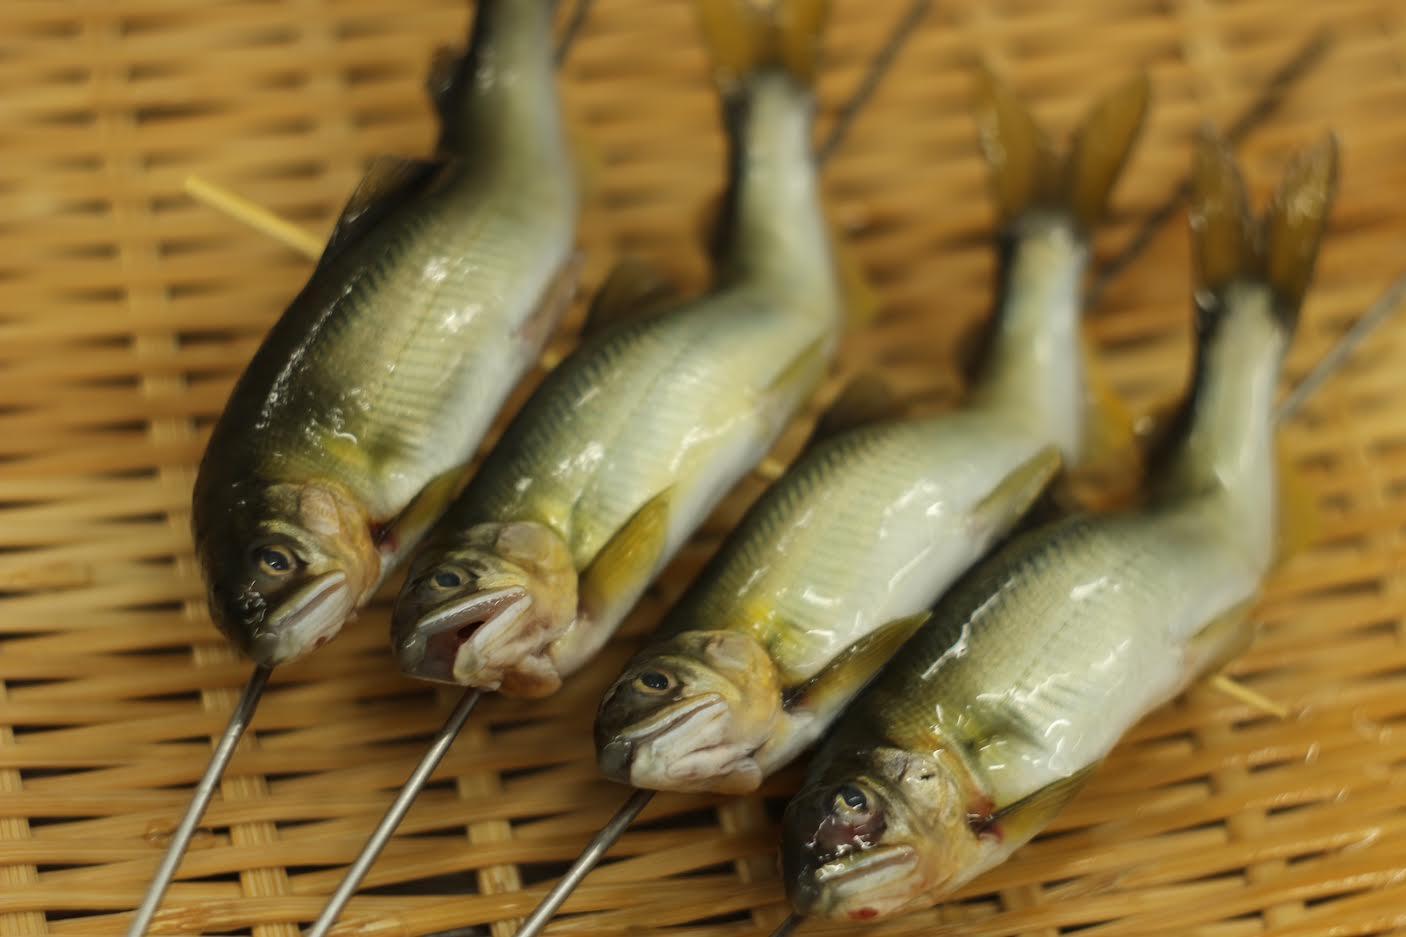 【すし割烹 蘭亭】稚鮎<p>琵琶湖の透き通る水で悠々と泳ぎ育った稚鮎。 7月は鮎がもっとも美味しく味わえる季節です。 苦みも少なく、骨までやわらかな稚鮎は、 小さいながらも繊細で魅力的な味わいです。</p>